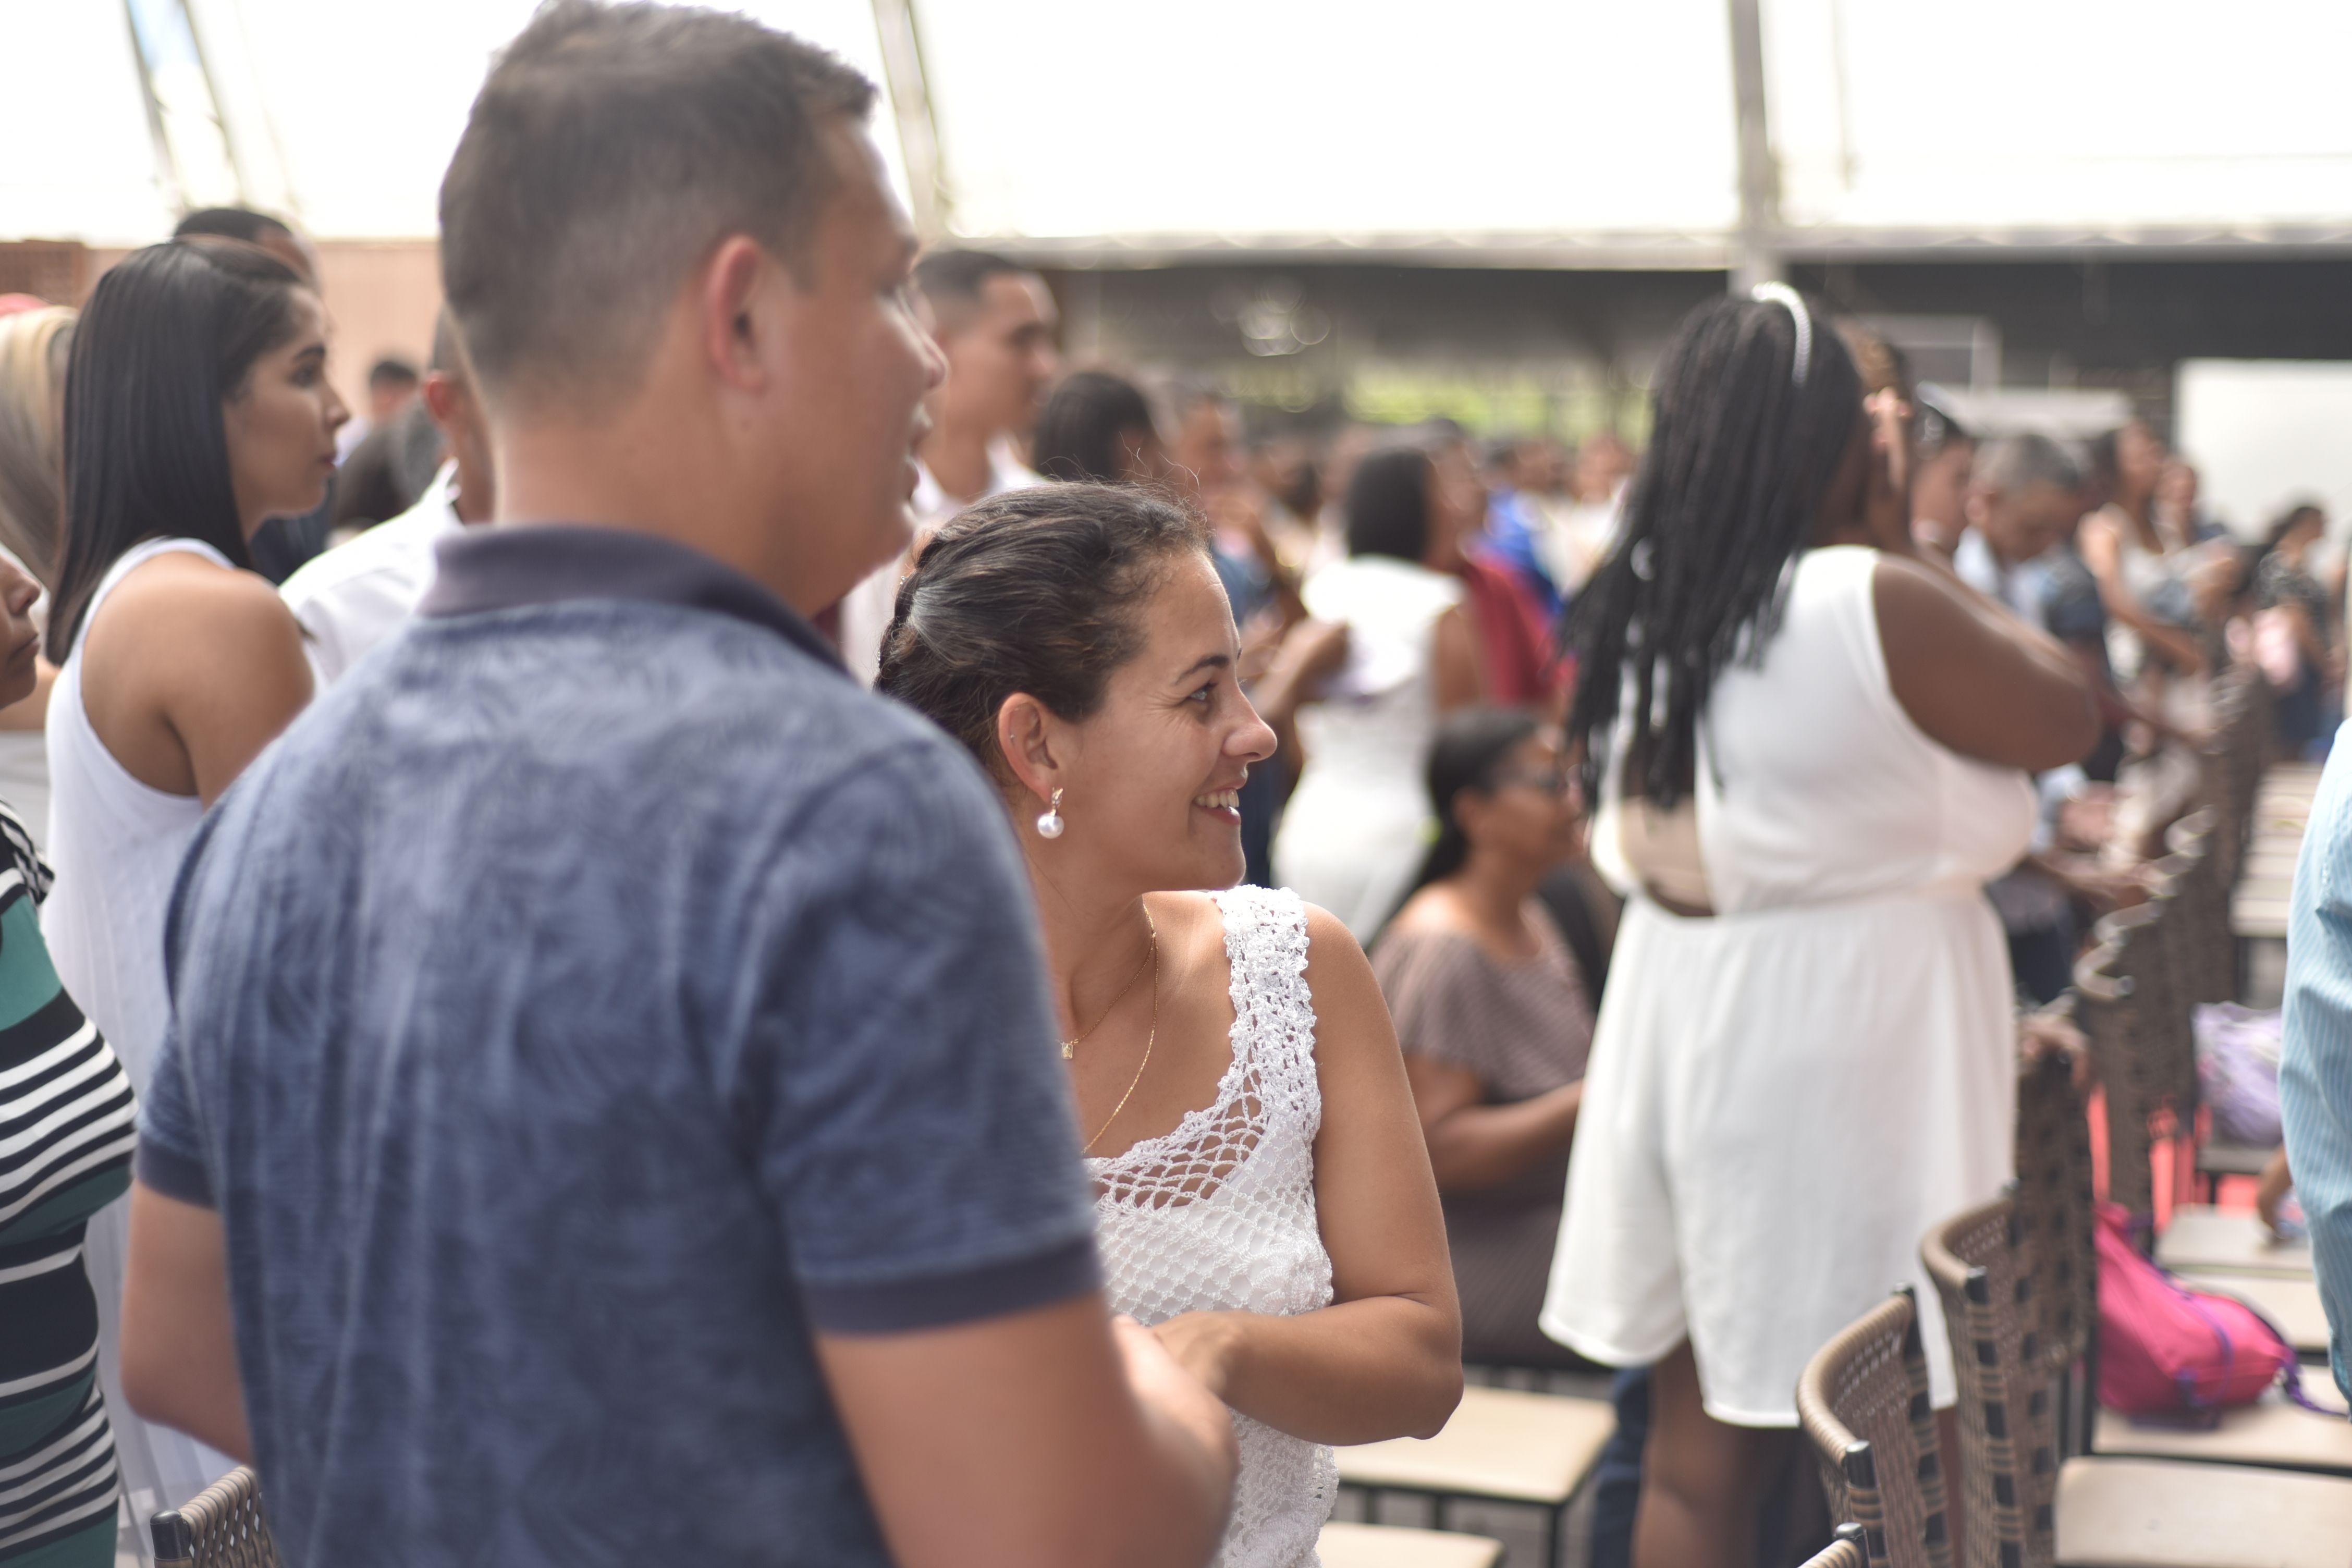 CASAMENTO COMUNITÁRIO REALIZADO NA EXPOSAMA 2019: CLIQUE PARA VER O ÁLBUM DE FOTOS